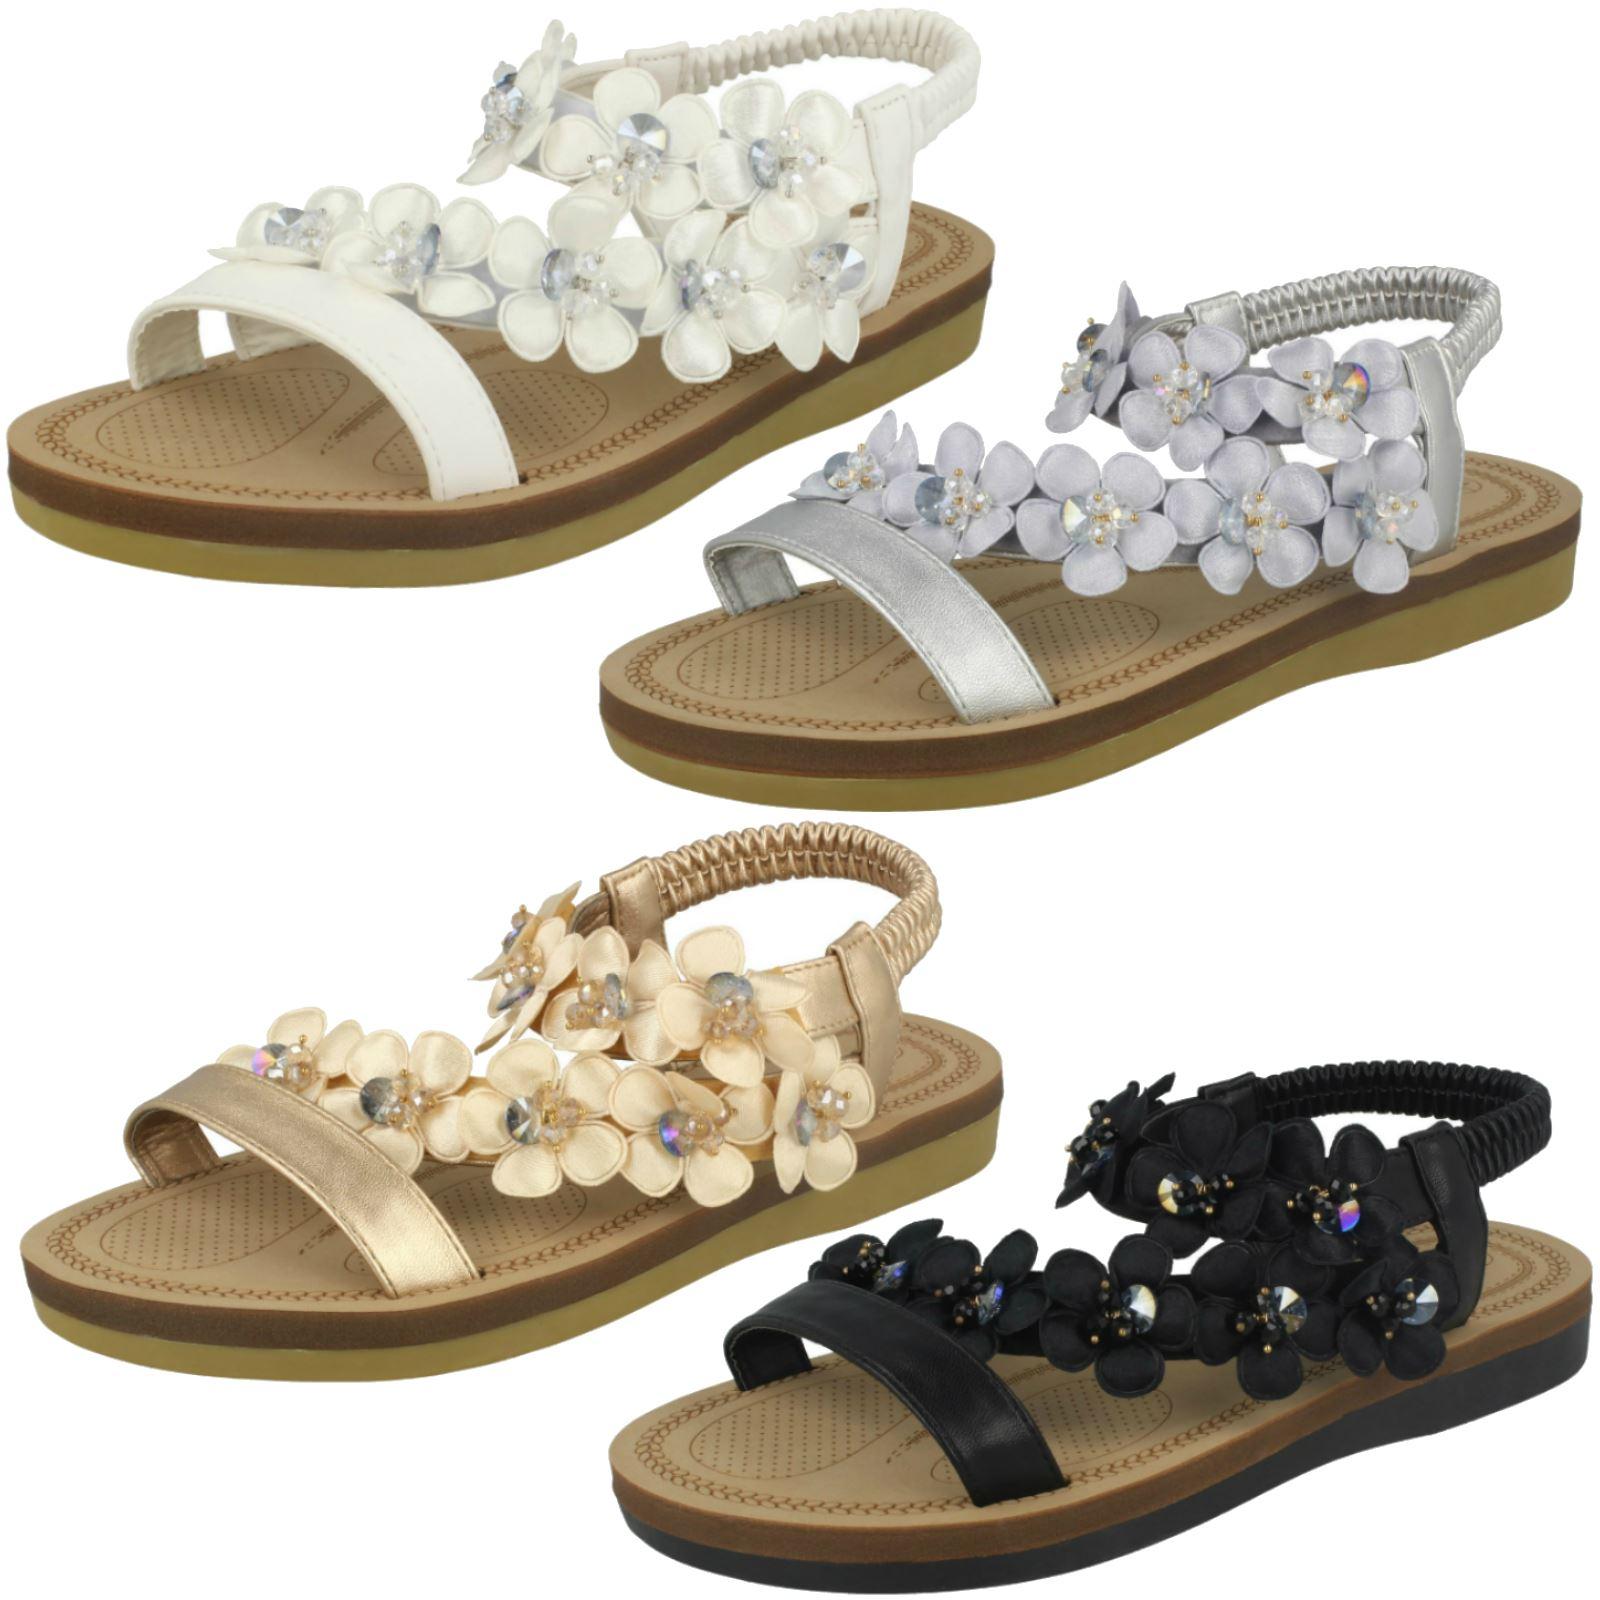 Gentlemen/Ladies workmanship Ladies Flower Trim Sandals *Anne Michelle* Exquisite (middle) workmanship Gentlemen/Ladies Order welcome have fun 789c8d